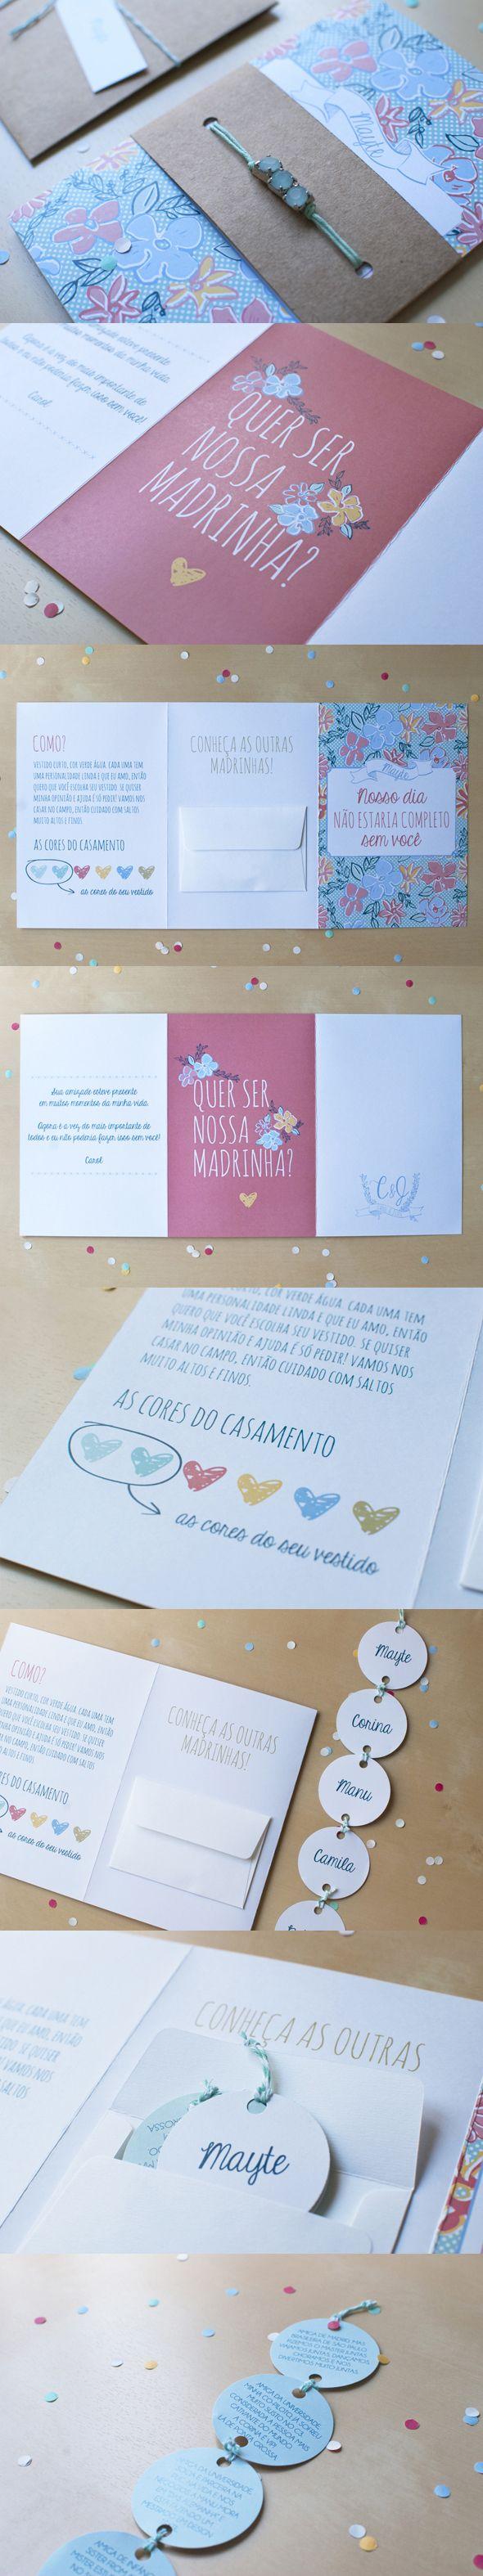 Convite lindo para madrinhas de casamento